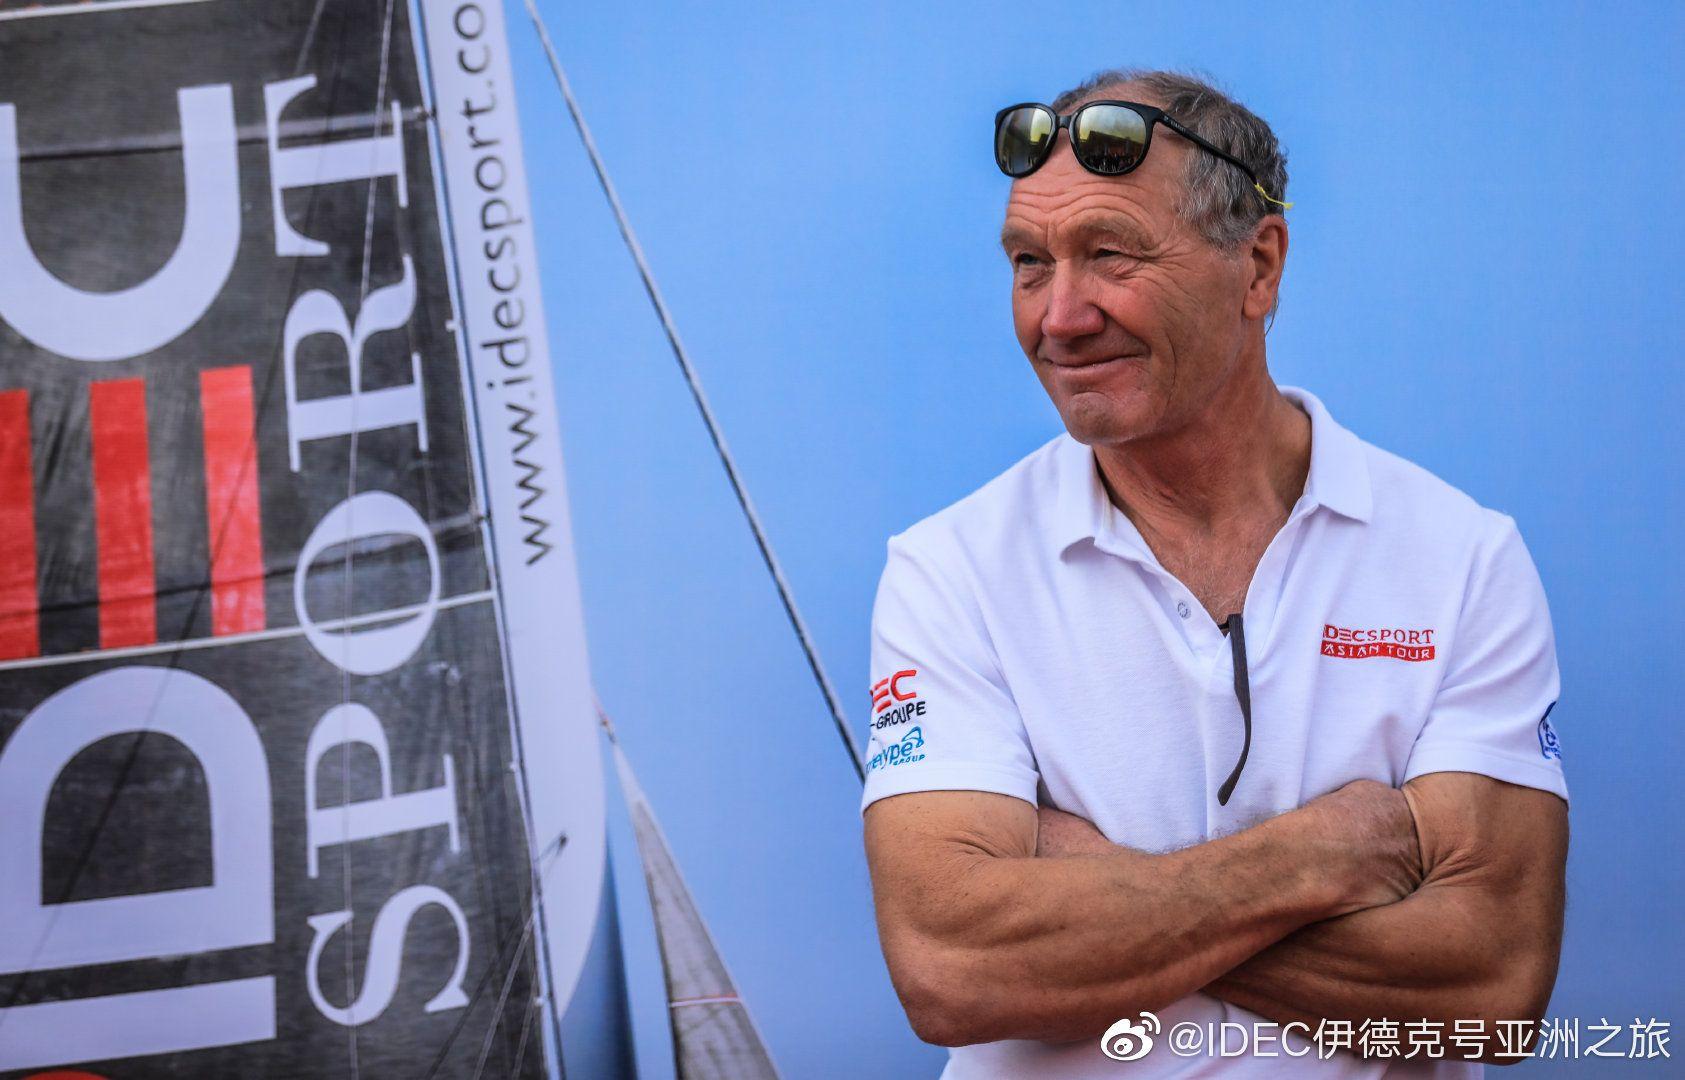 三次完成单人不间断环球航行的法国航海家茹瓦永挑战新纪录